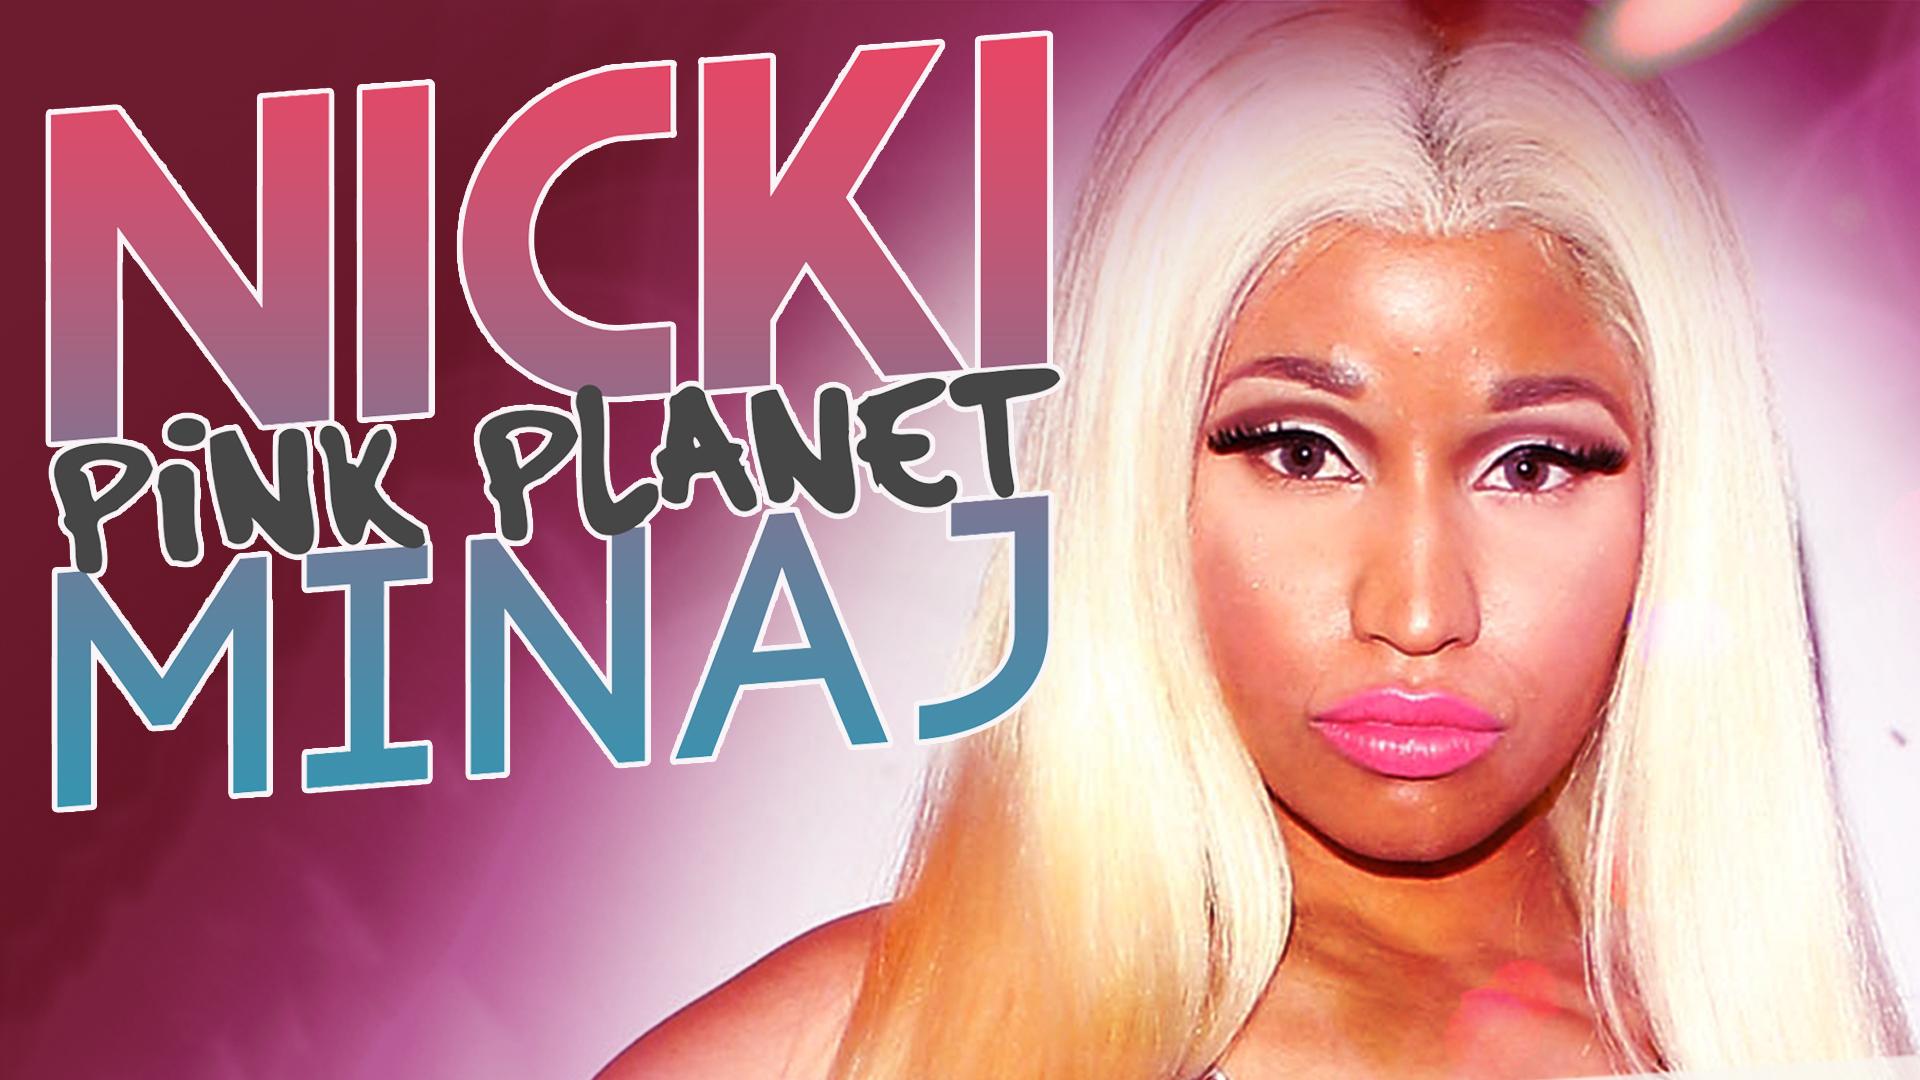 Nicki Minaj: Pink Planet